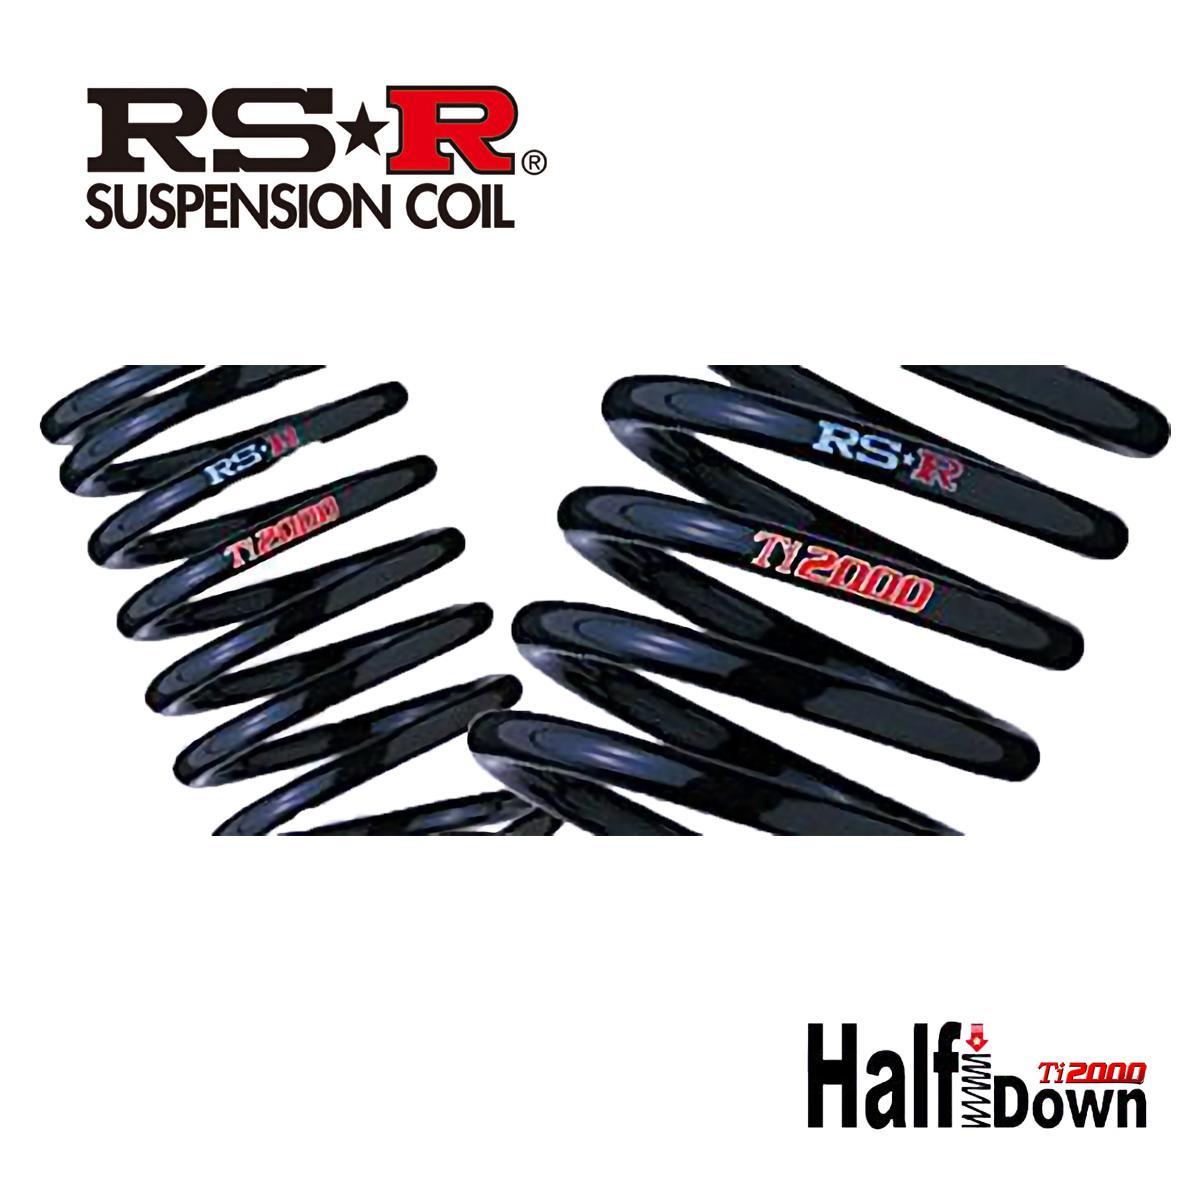 RS-R ワゴンR ハイブリッドFZ MH55S ダウンサス スプリング 1台分 S174THD Ti2000 ハーフダウン RSR 個人宅発送追金有